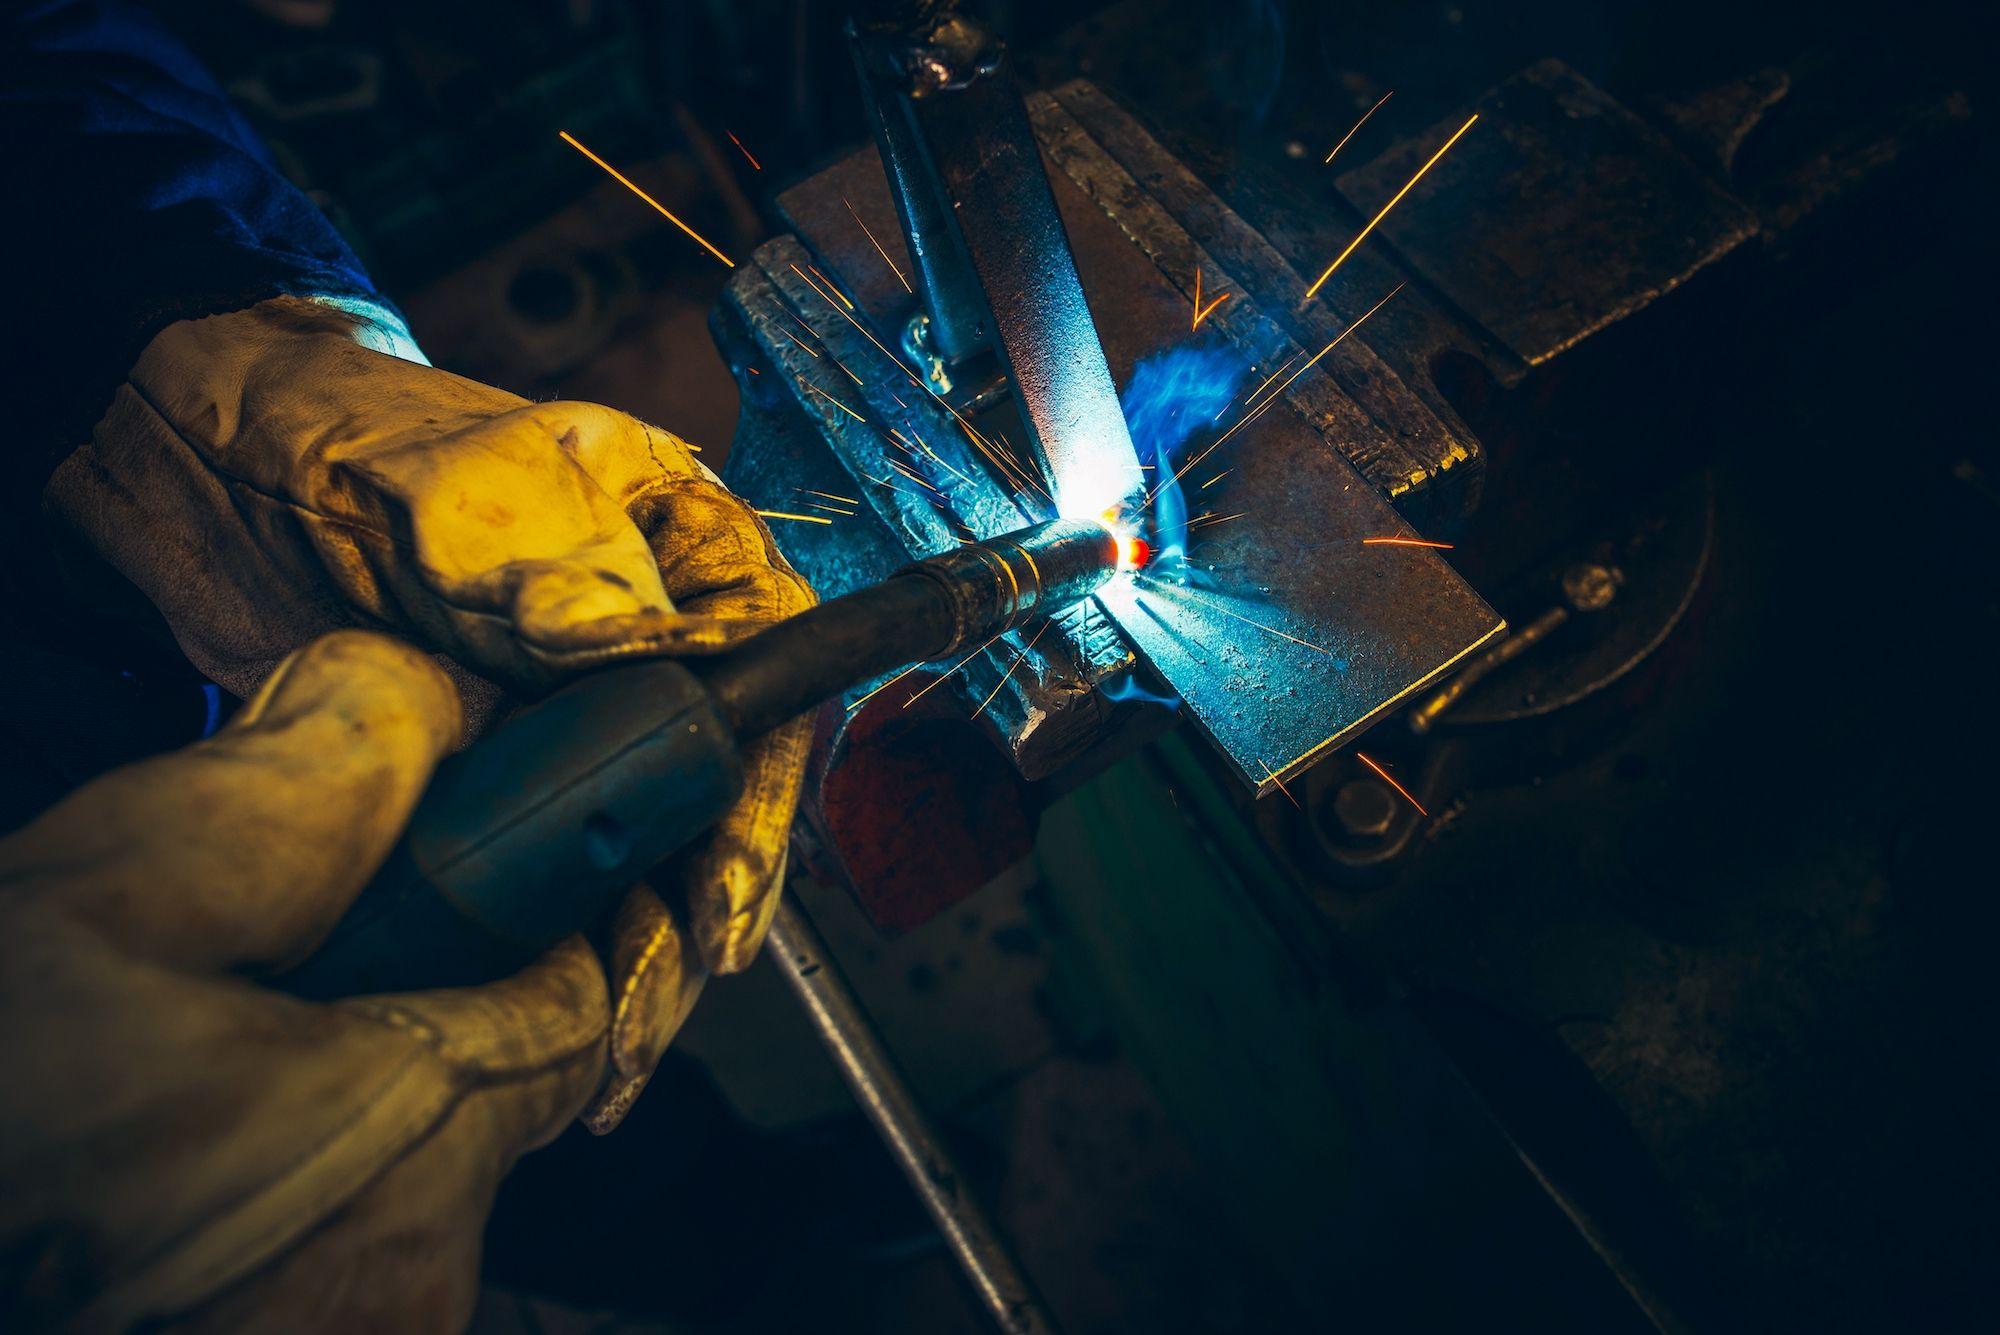 mantenimiento de una máquina de soldar